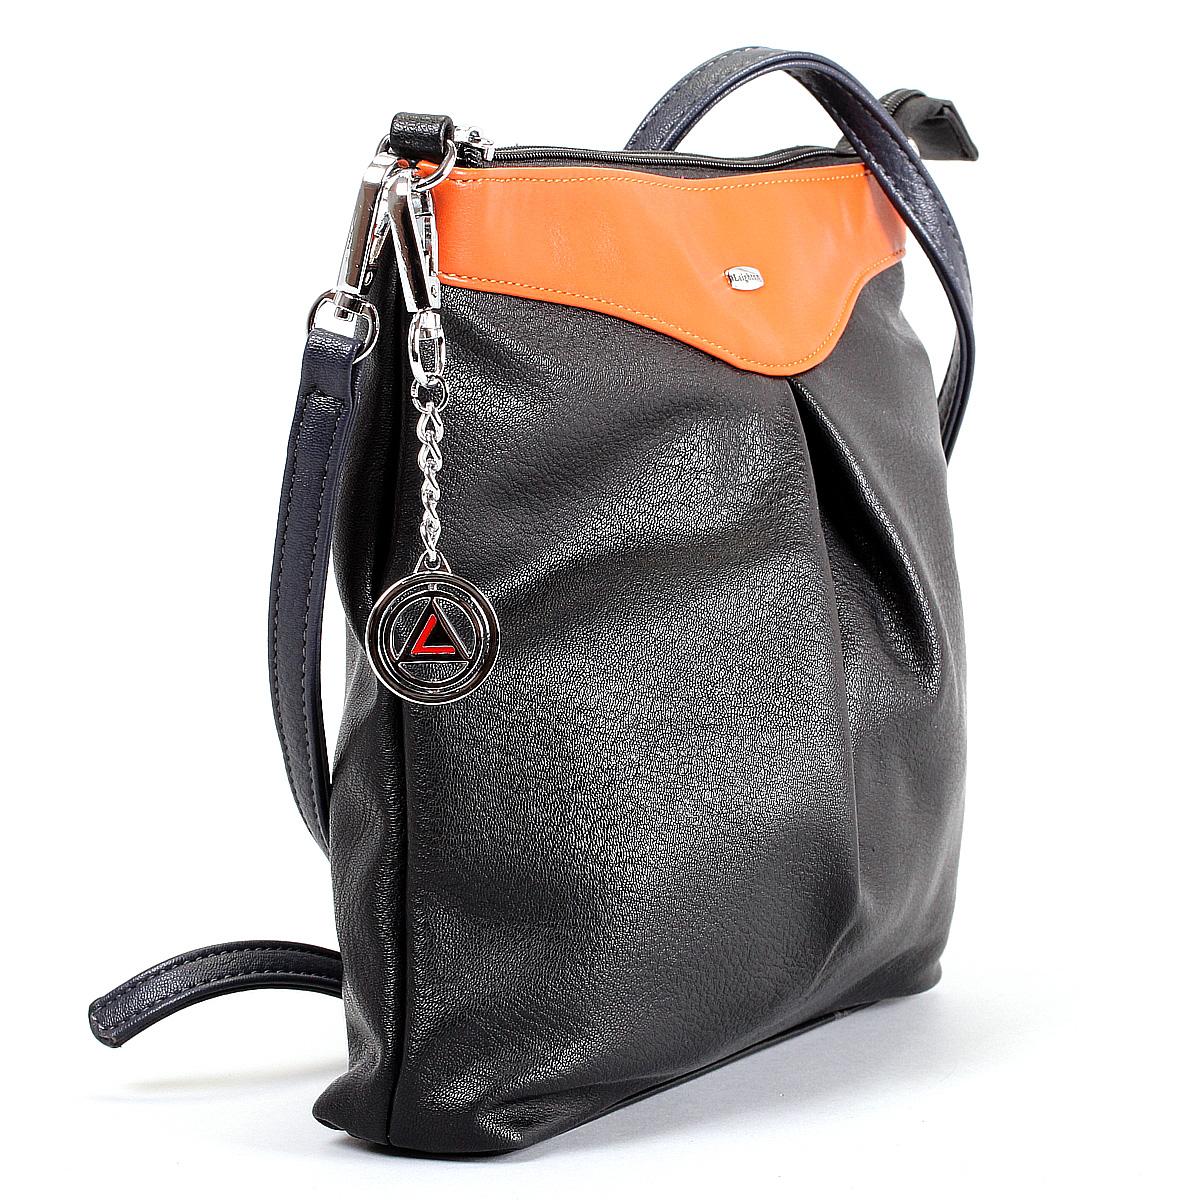 Сумка женская Leighton, цвет: черный, оранжевый, синий. 570428-3822/1/3822/2/1166/813 ( 570428-3822/1/3822/2/1166 )